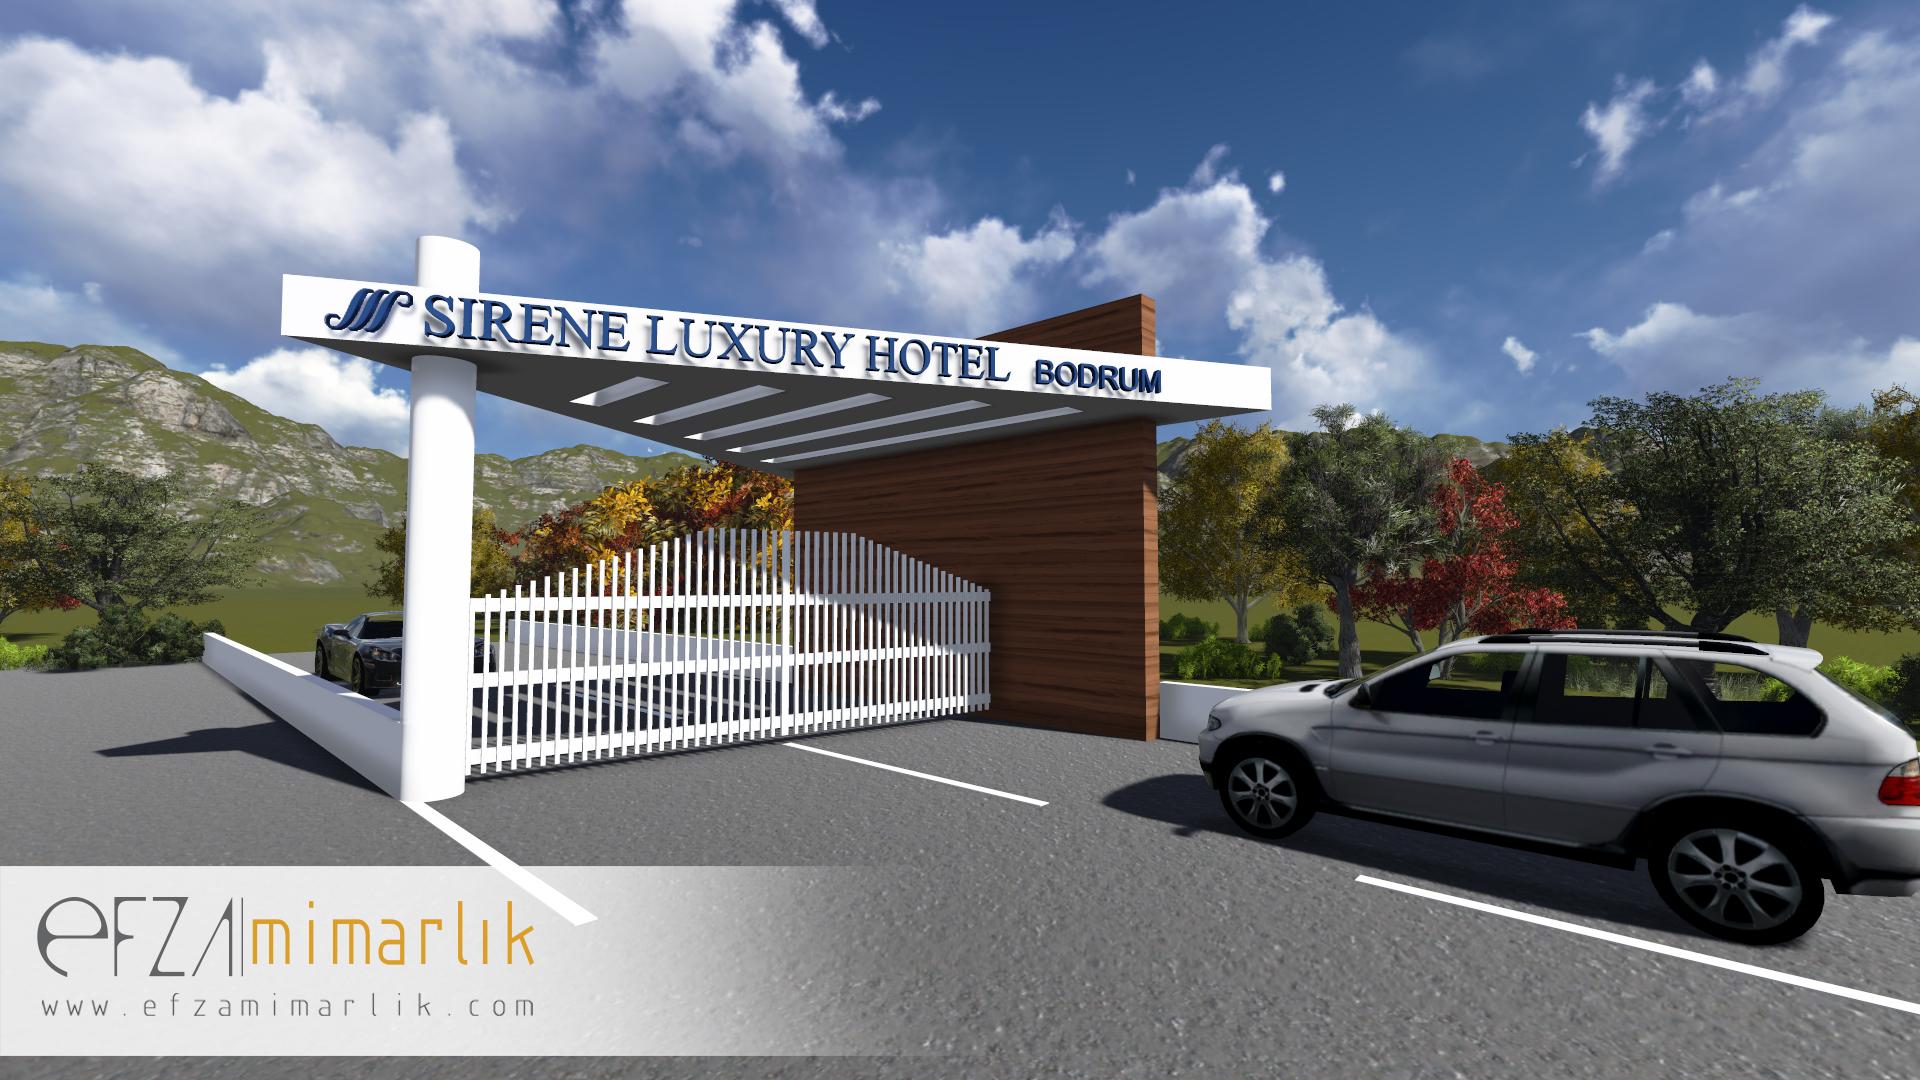 Sirene Luxury Hotel Giriş Takı (Öneri)-Bodrum